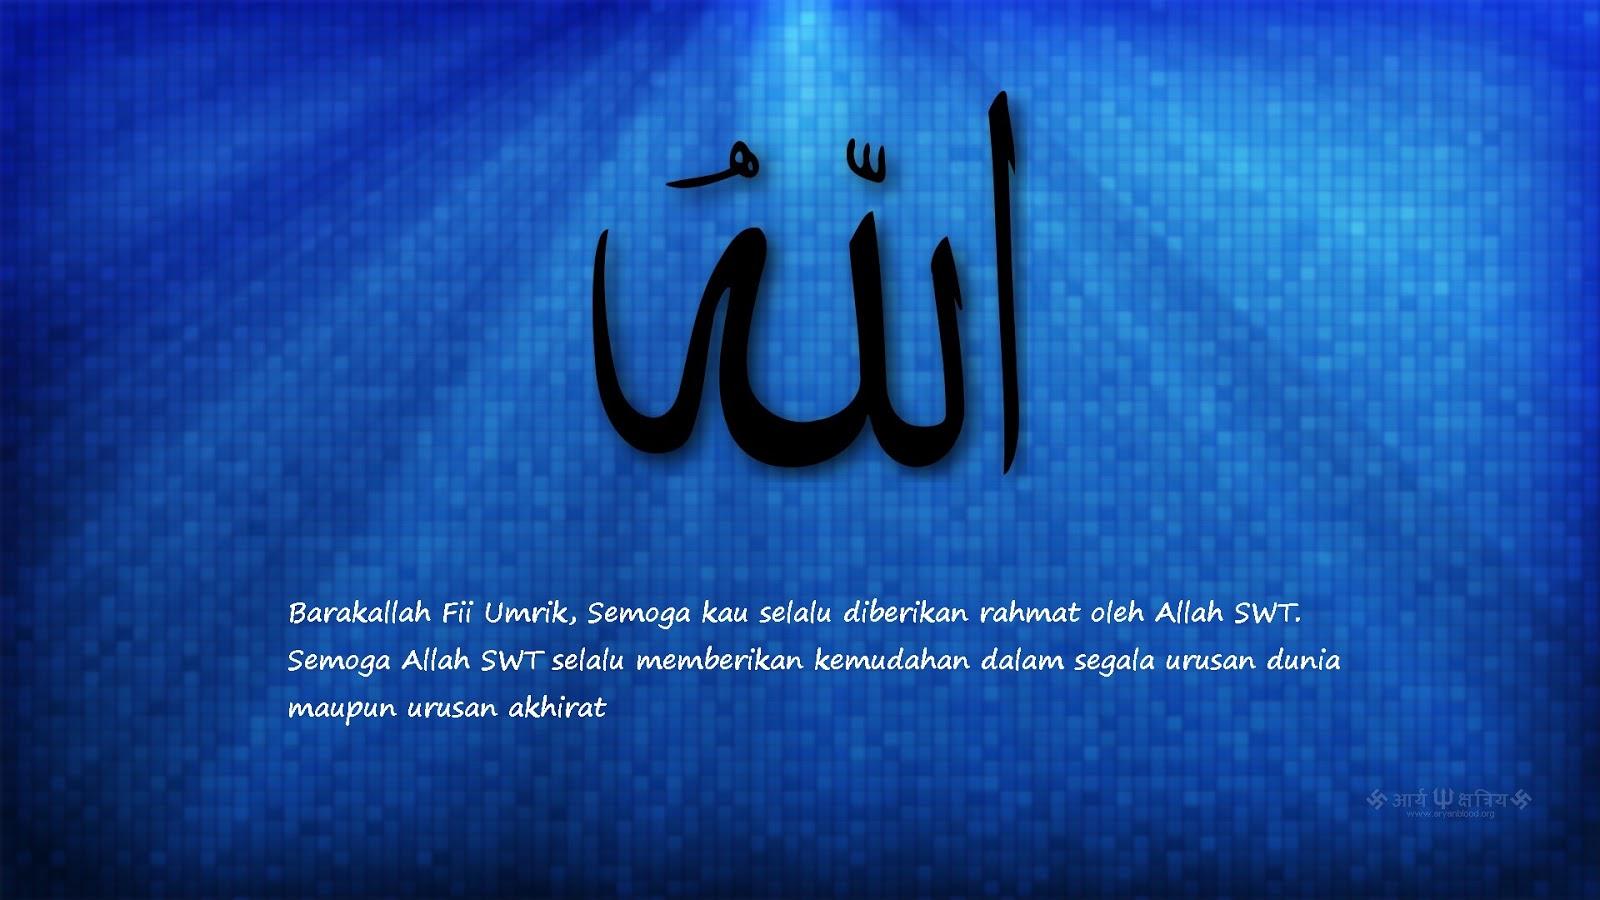 Kata Ucapan Ulang Tahun Islami